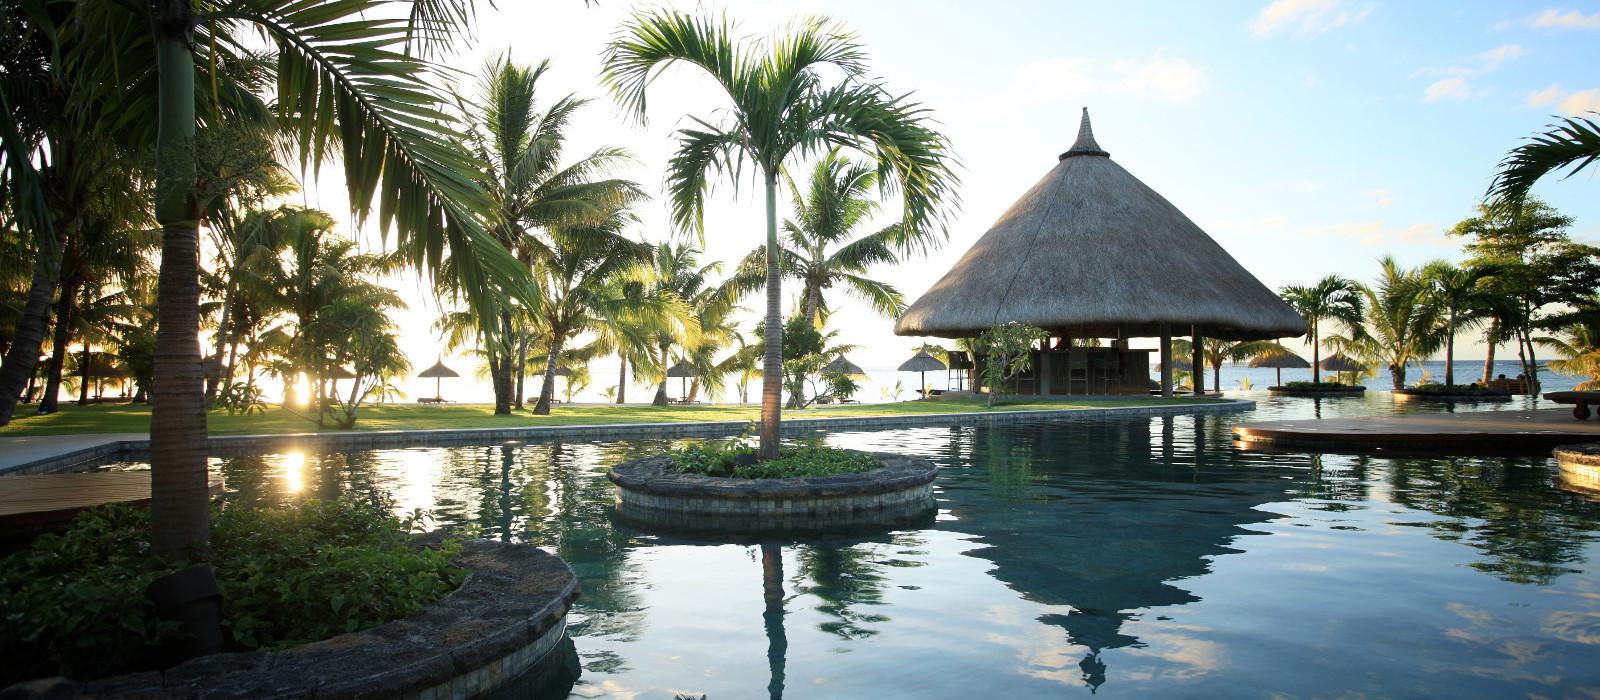 Hotel LUX* Le Morne Resort Mauritius